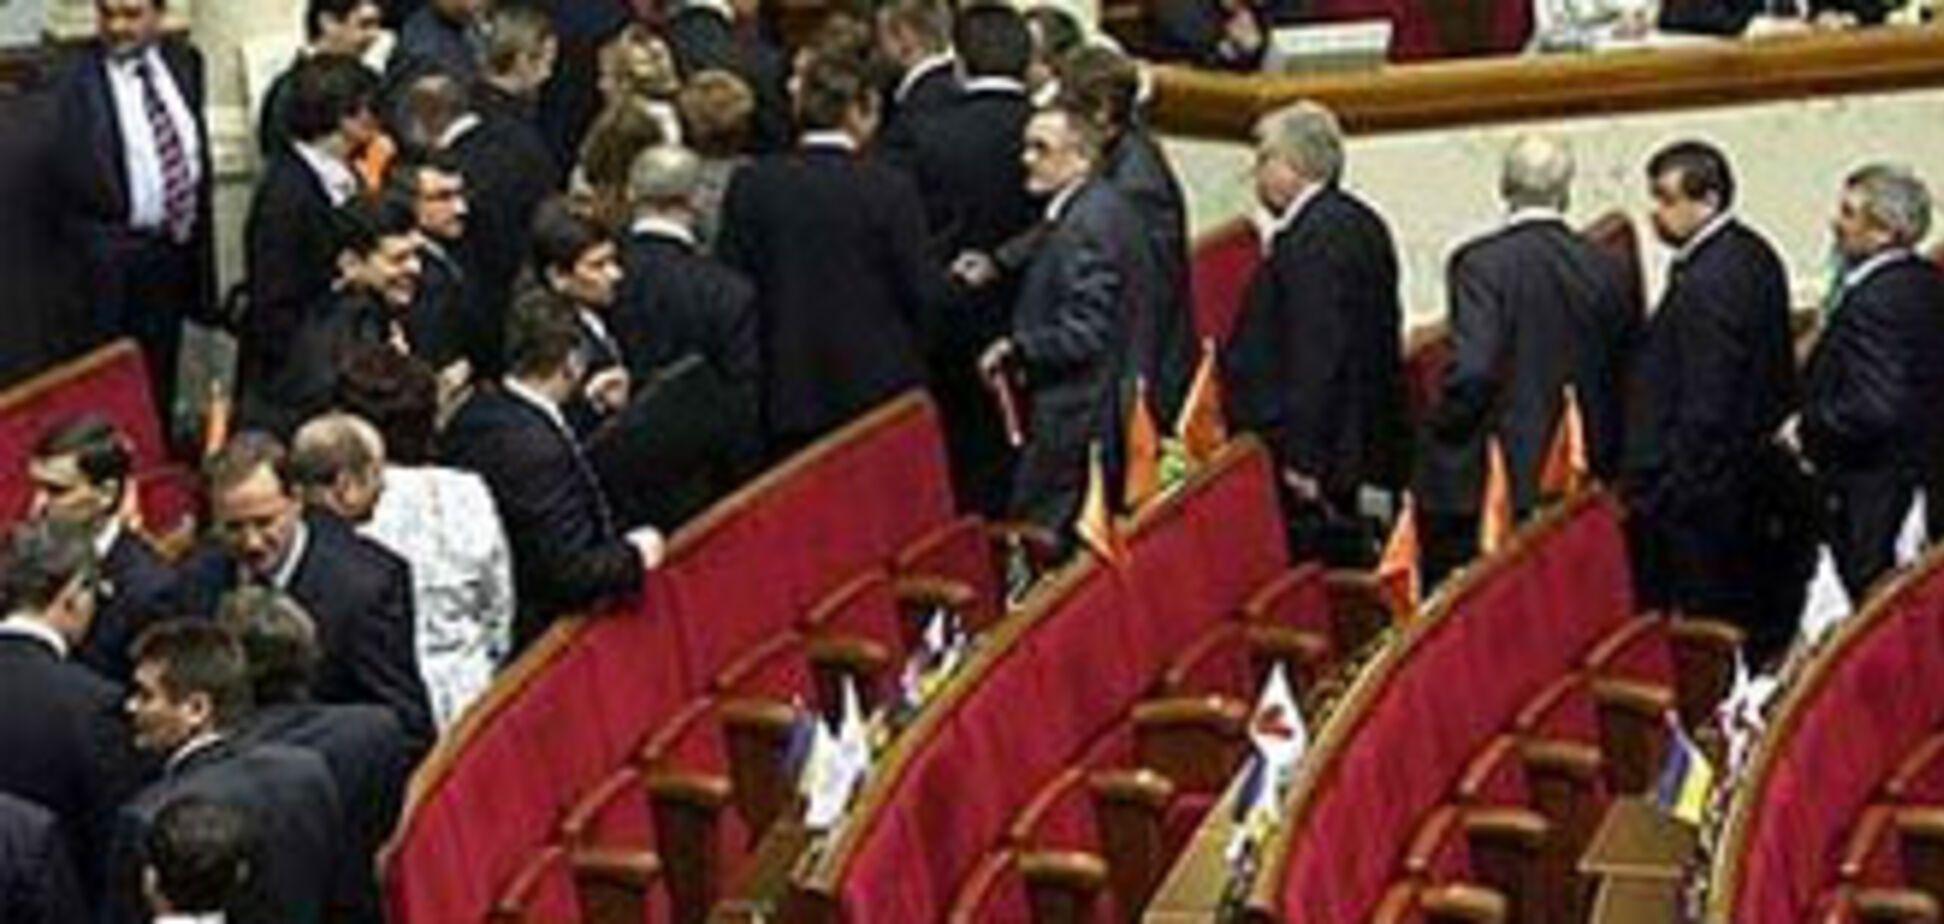 Литвин перестав 'катувати' депутатів і відпустив їх у буфет